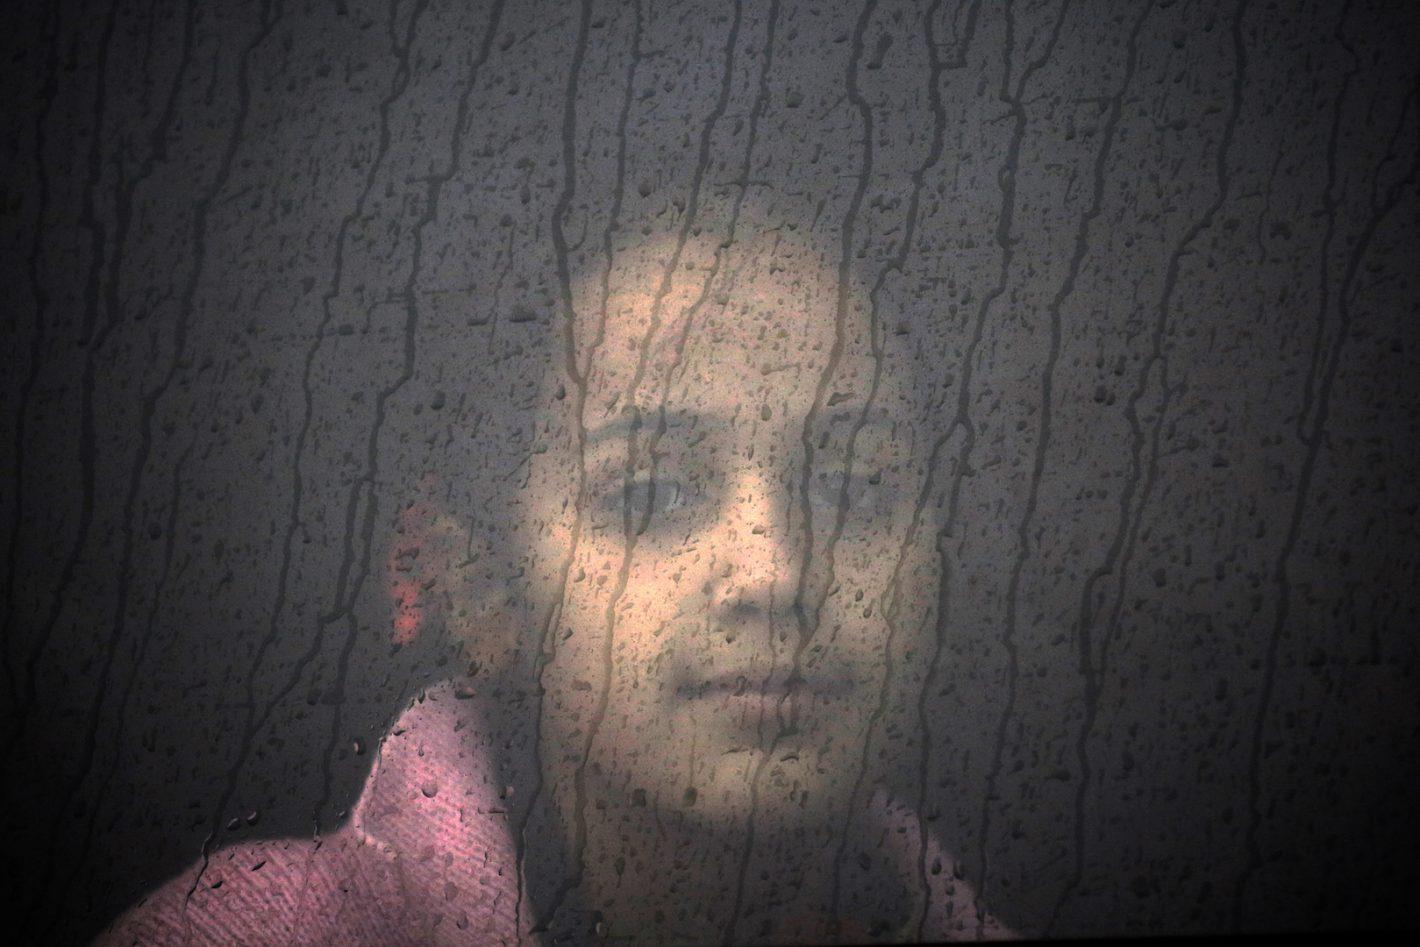 Une jeune réfugiée Syrienne se trouve dans un bus au camp éphémère d'accueil de l'île de Lesbos. 21 octobre 2015 - REUTERS/Yannis Behrakis